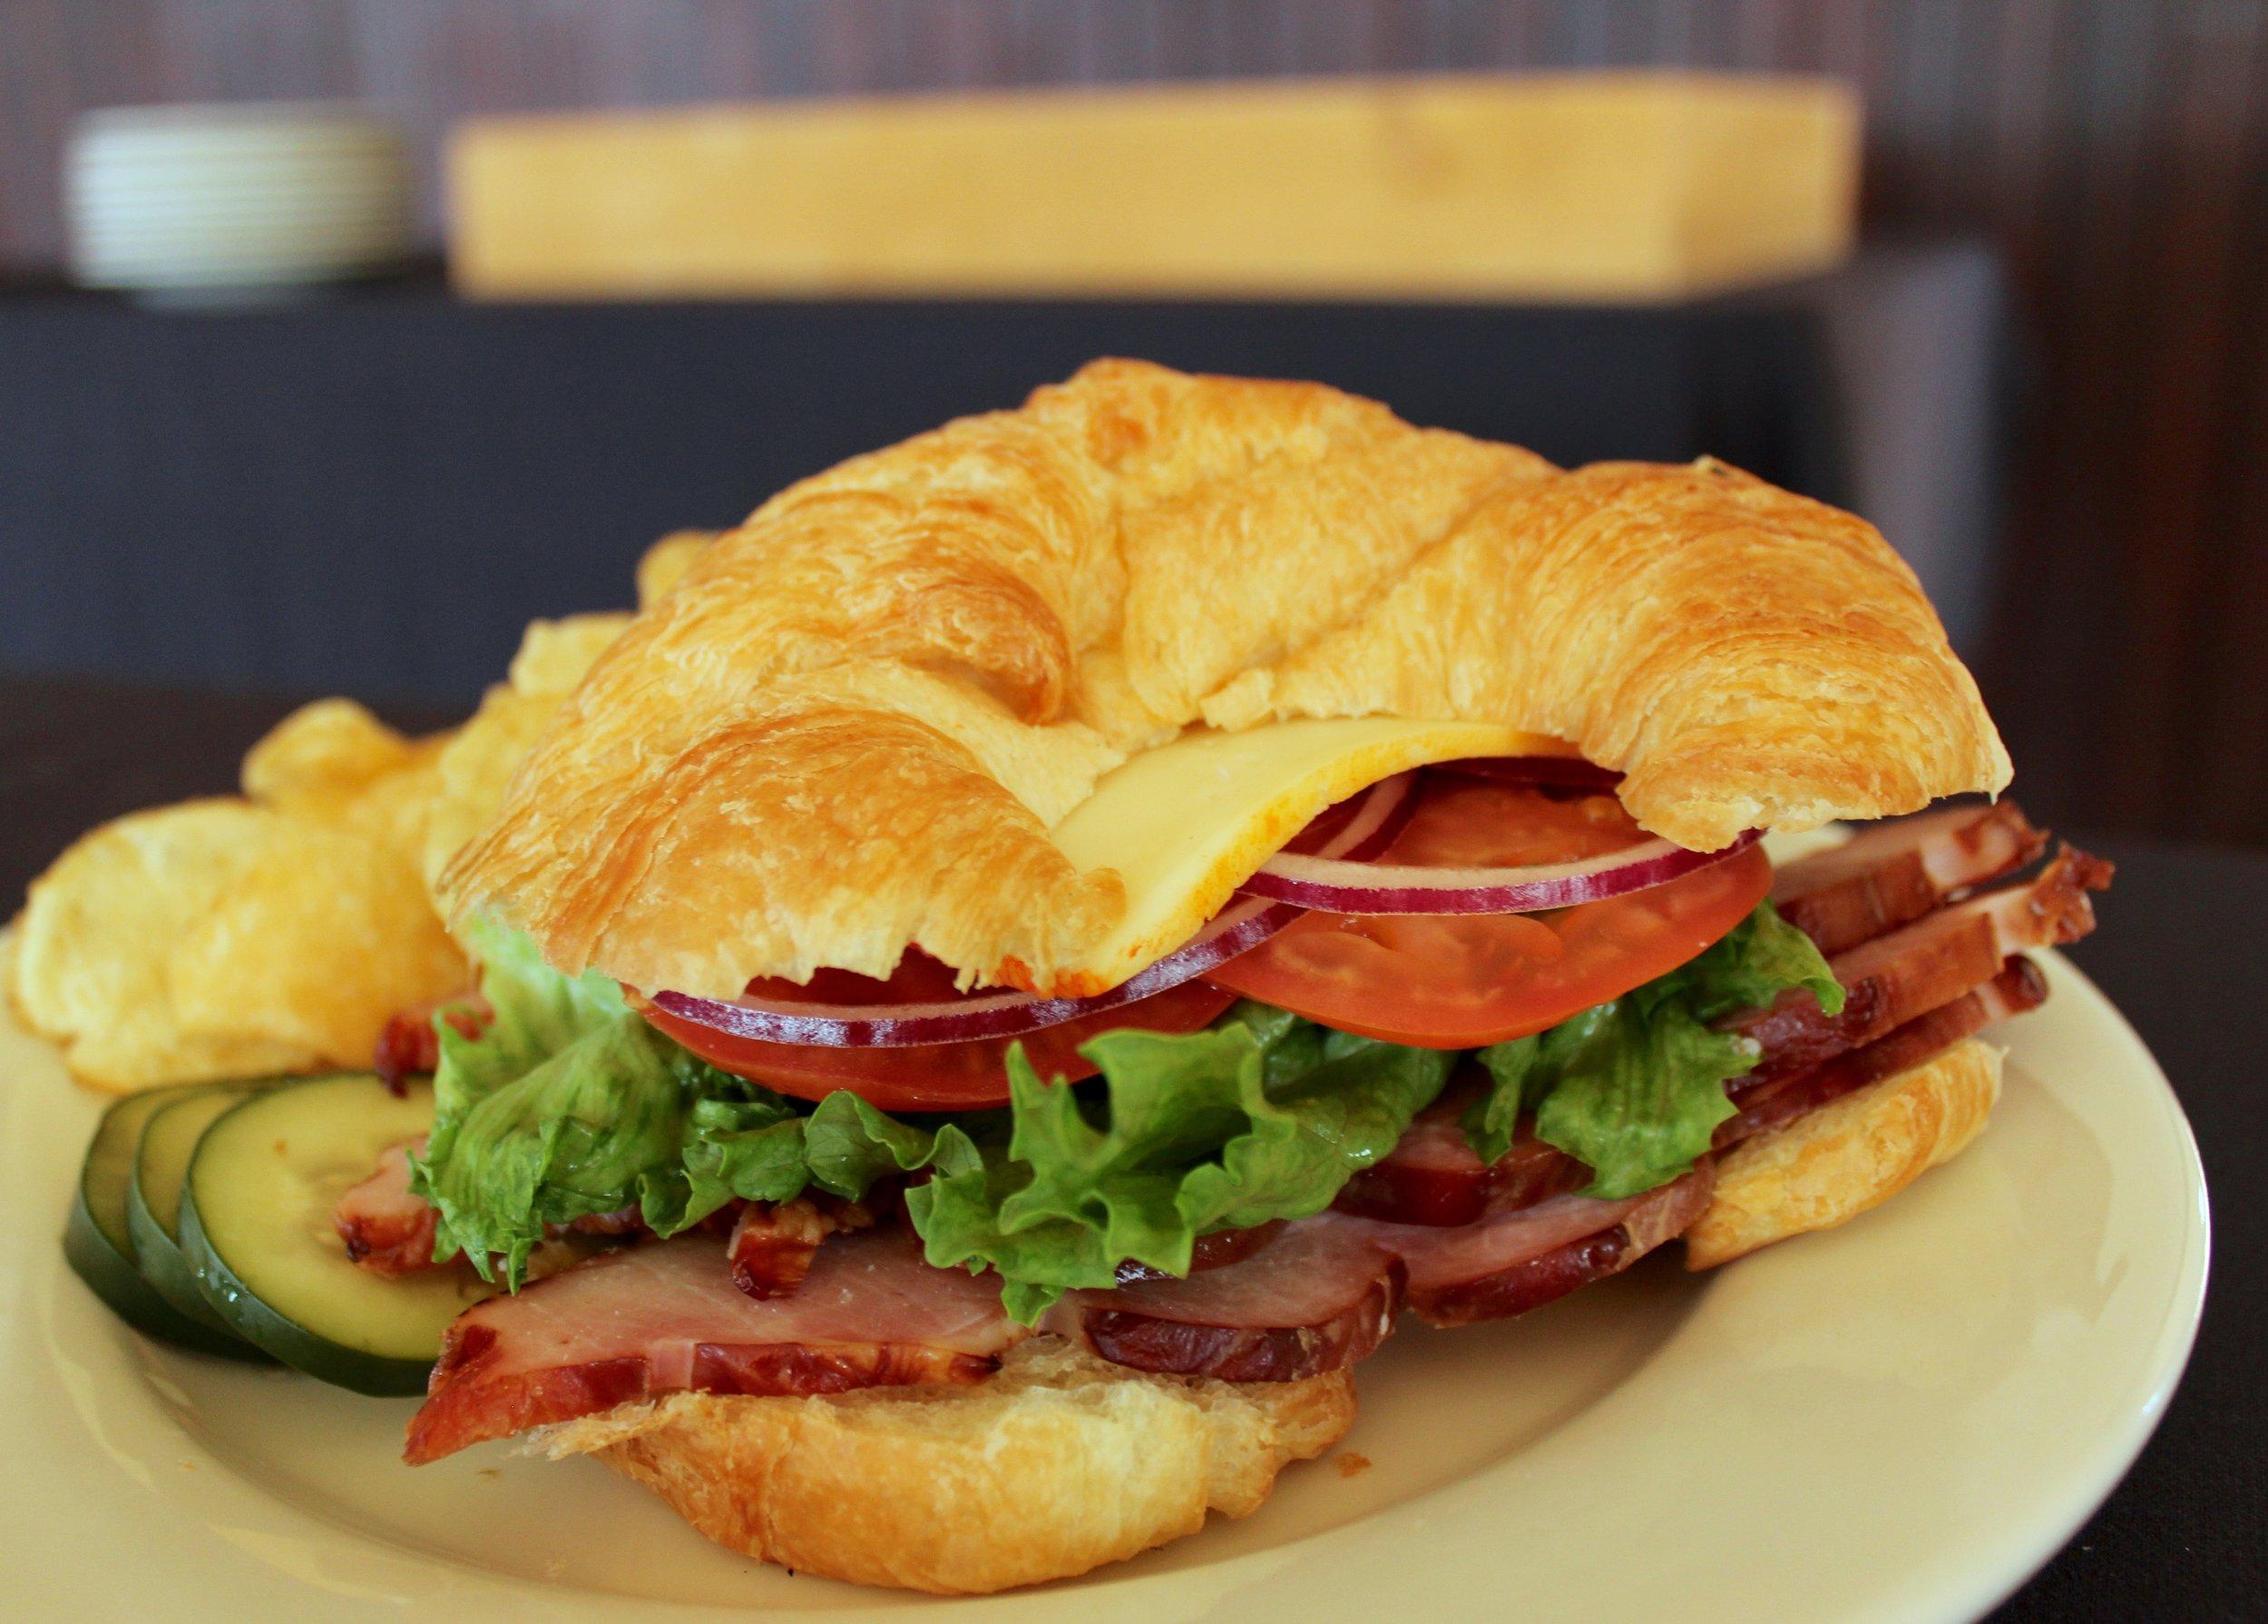 CroissantSandwich.jpg